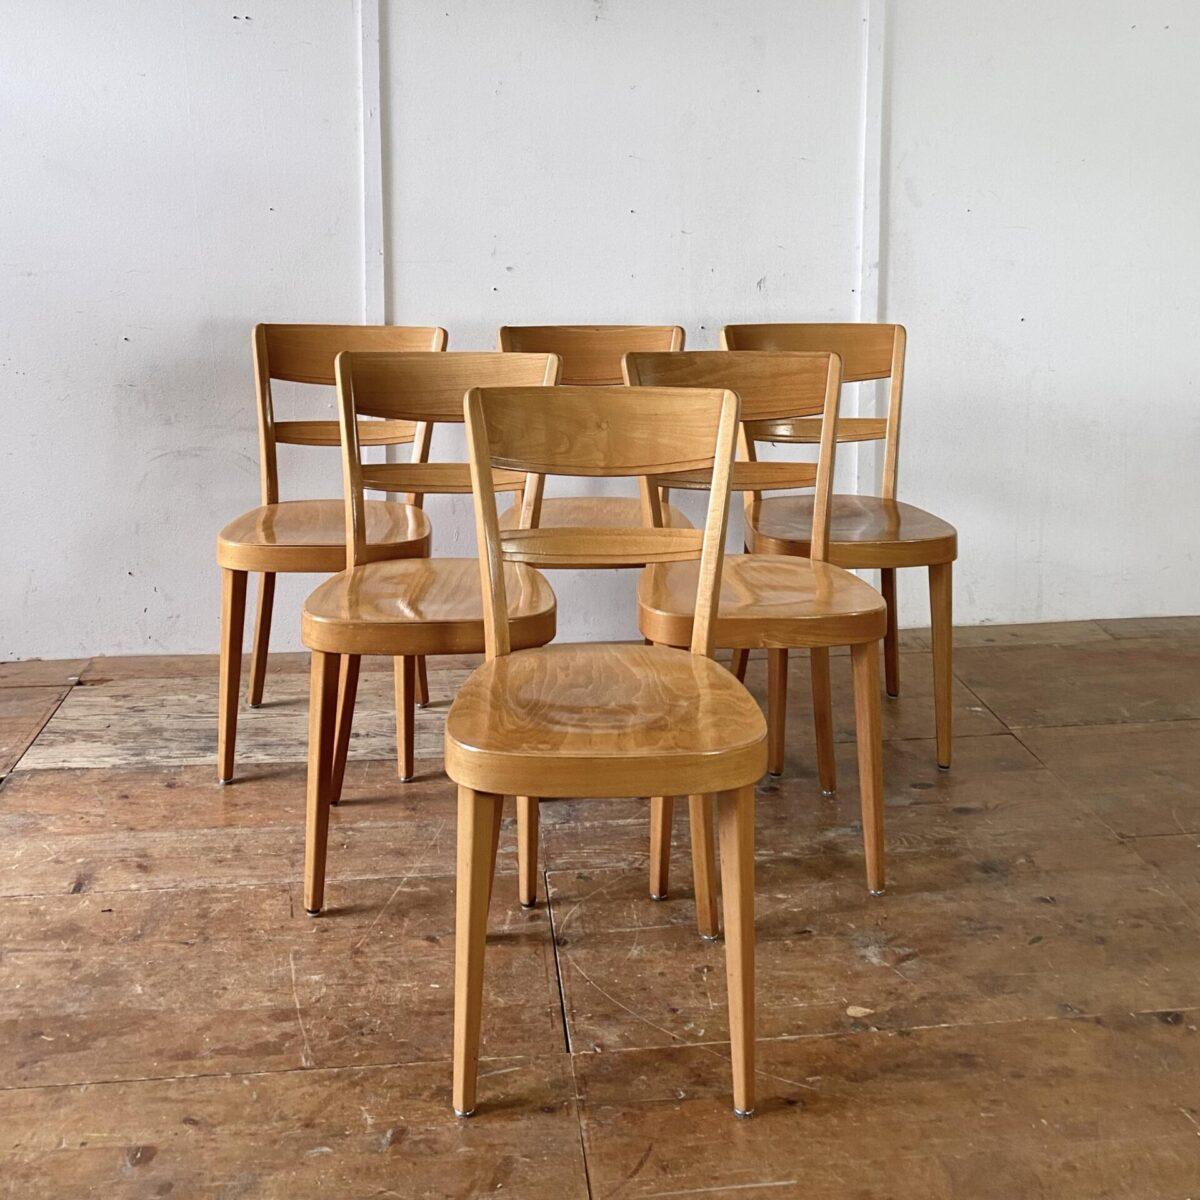 Deuxieme.shop 6er Set Beizenstühle aus Buchenholz. Die Stühle sind in gutem stabilen Zustand, technische Mängel sind restauriert. Ein Hersteller ist nicht ersichtlich, fast baugleich dem Horgenglarus Modell Lotus, die Stühle kommen aber eher aus einer anderen Schweizer Produktion.